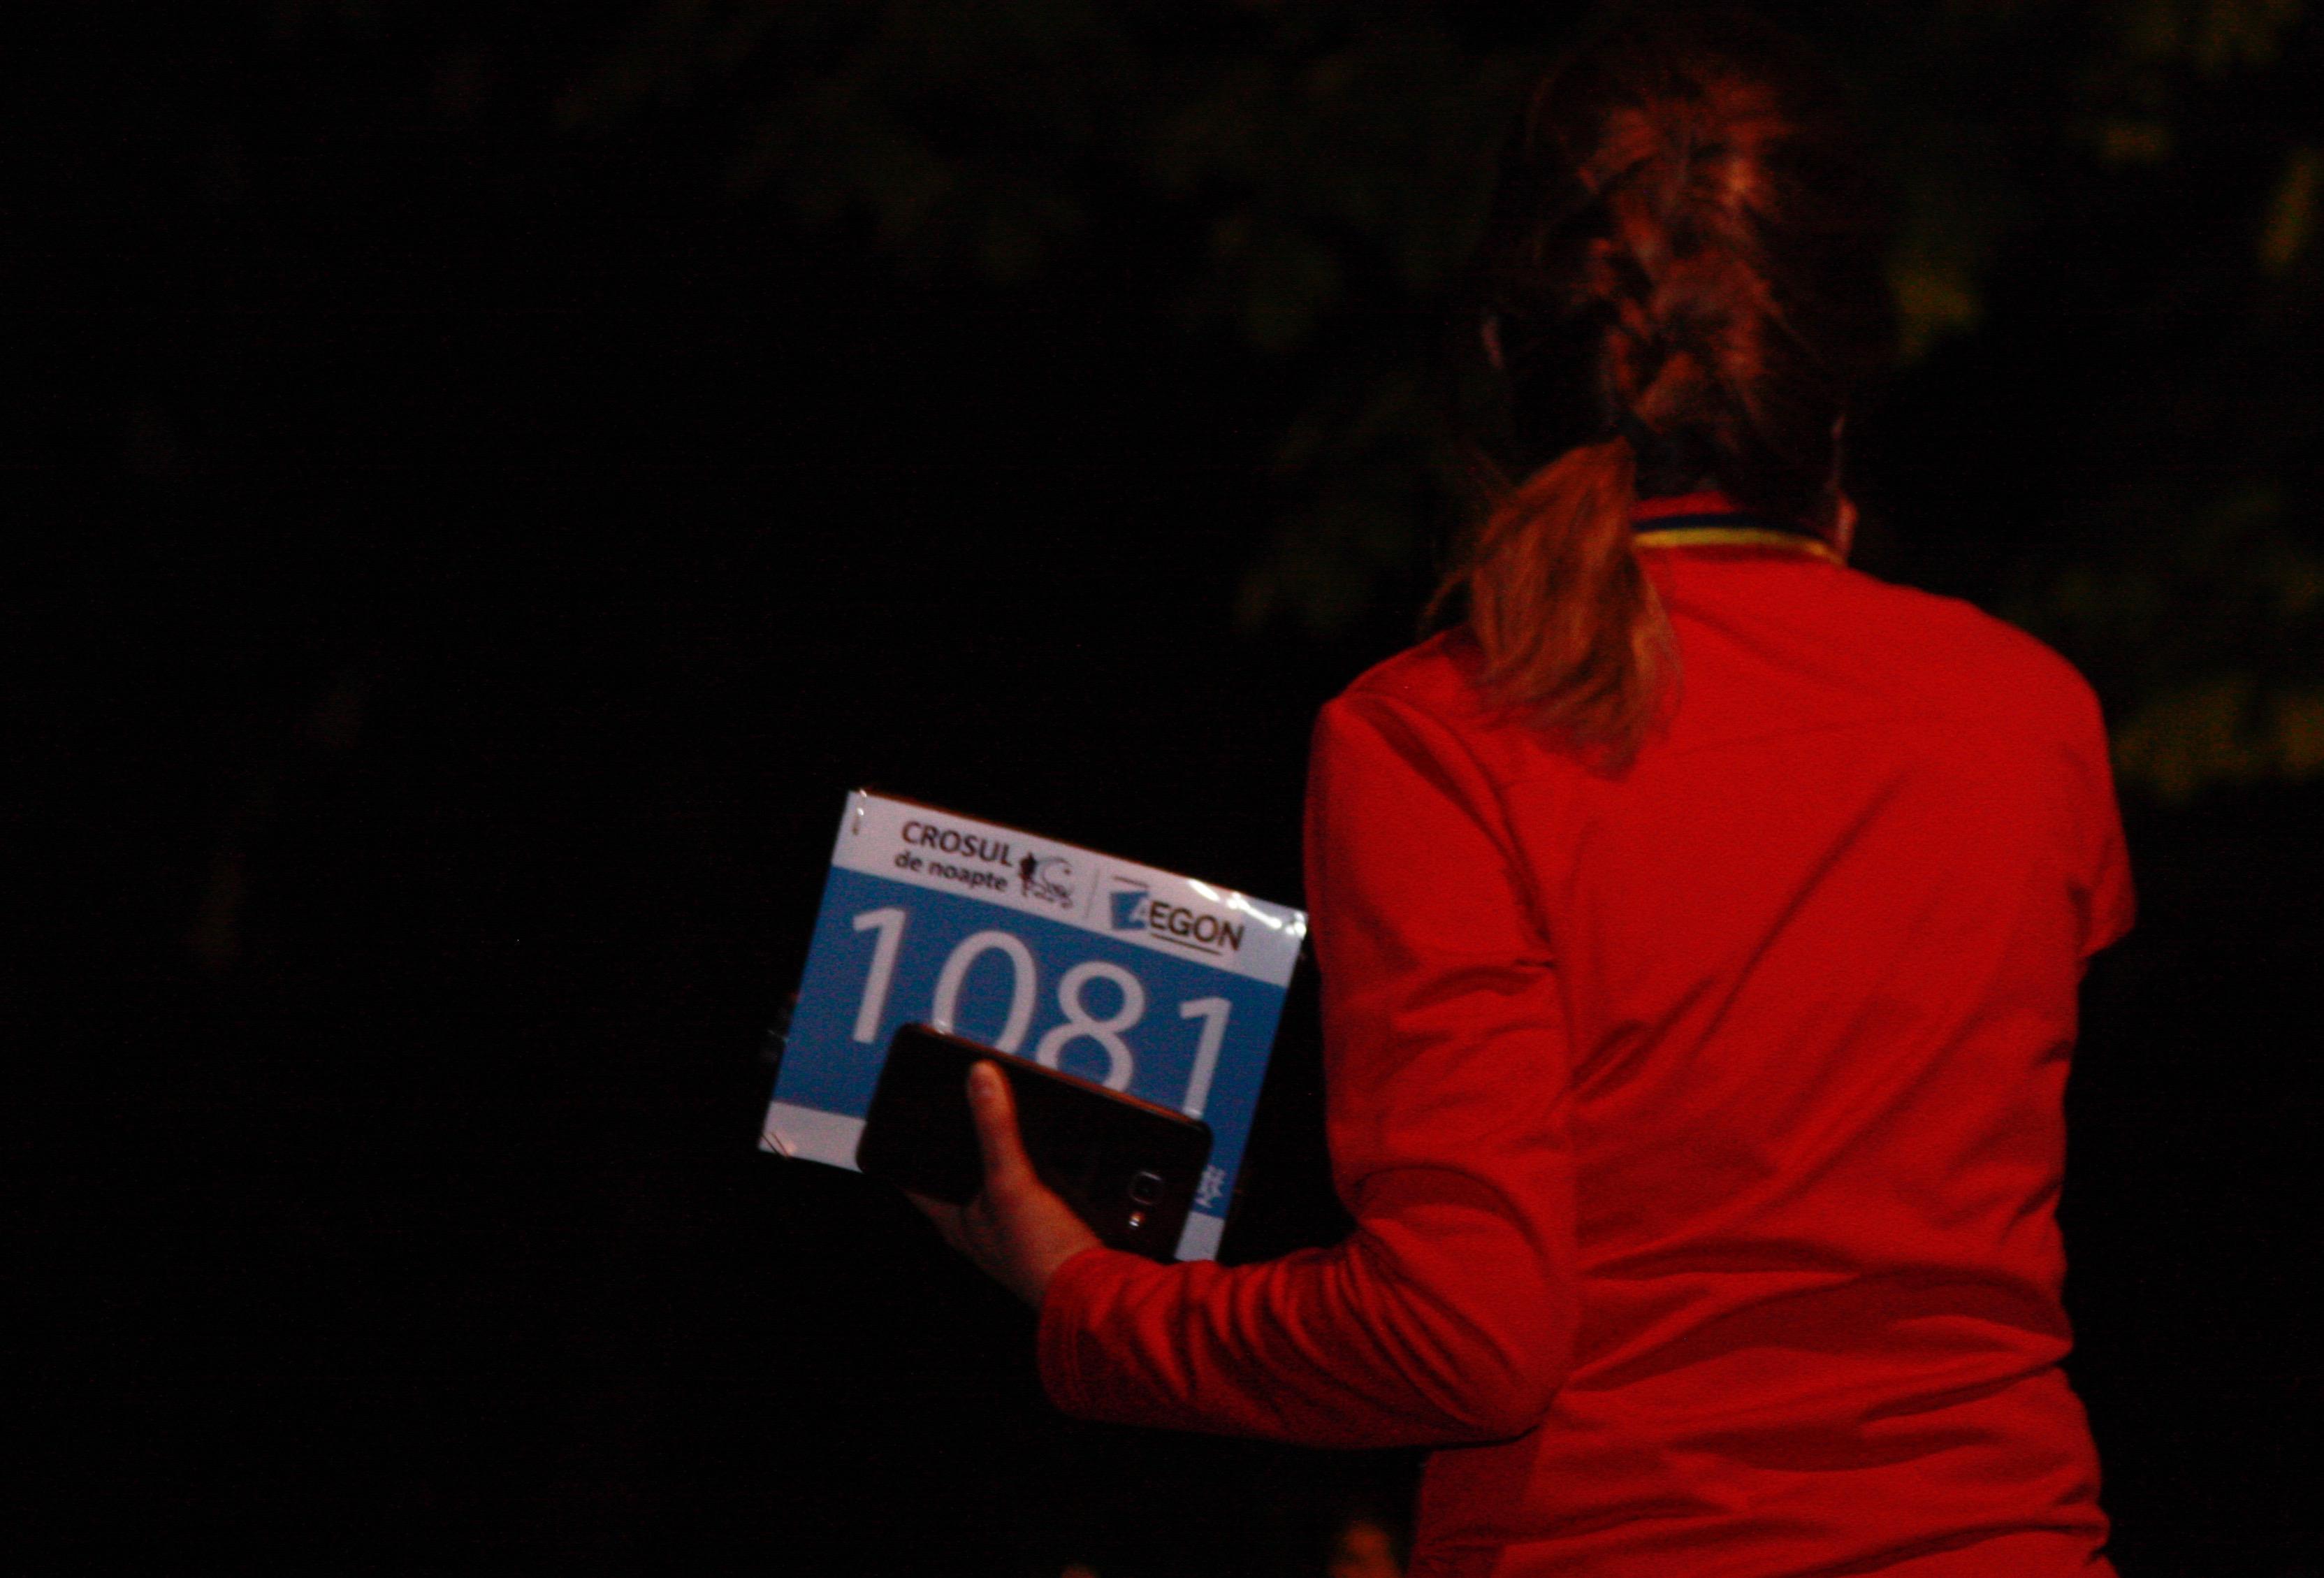 Program ridicare kituri Crosul de Noapte Aegon